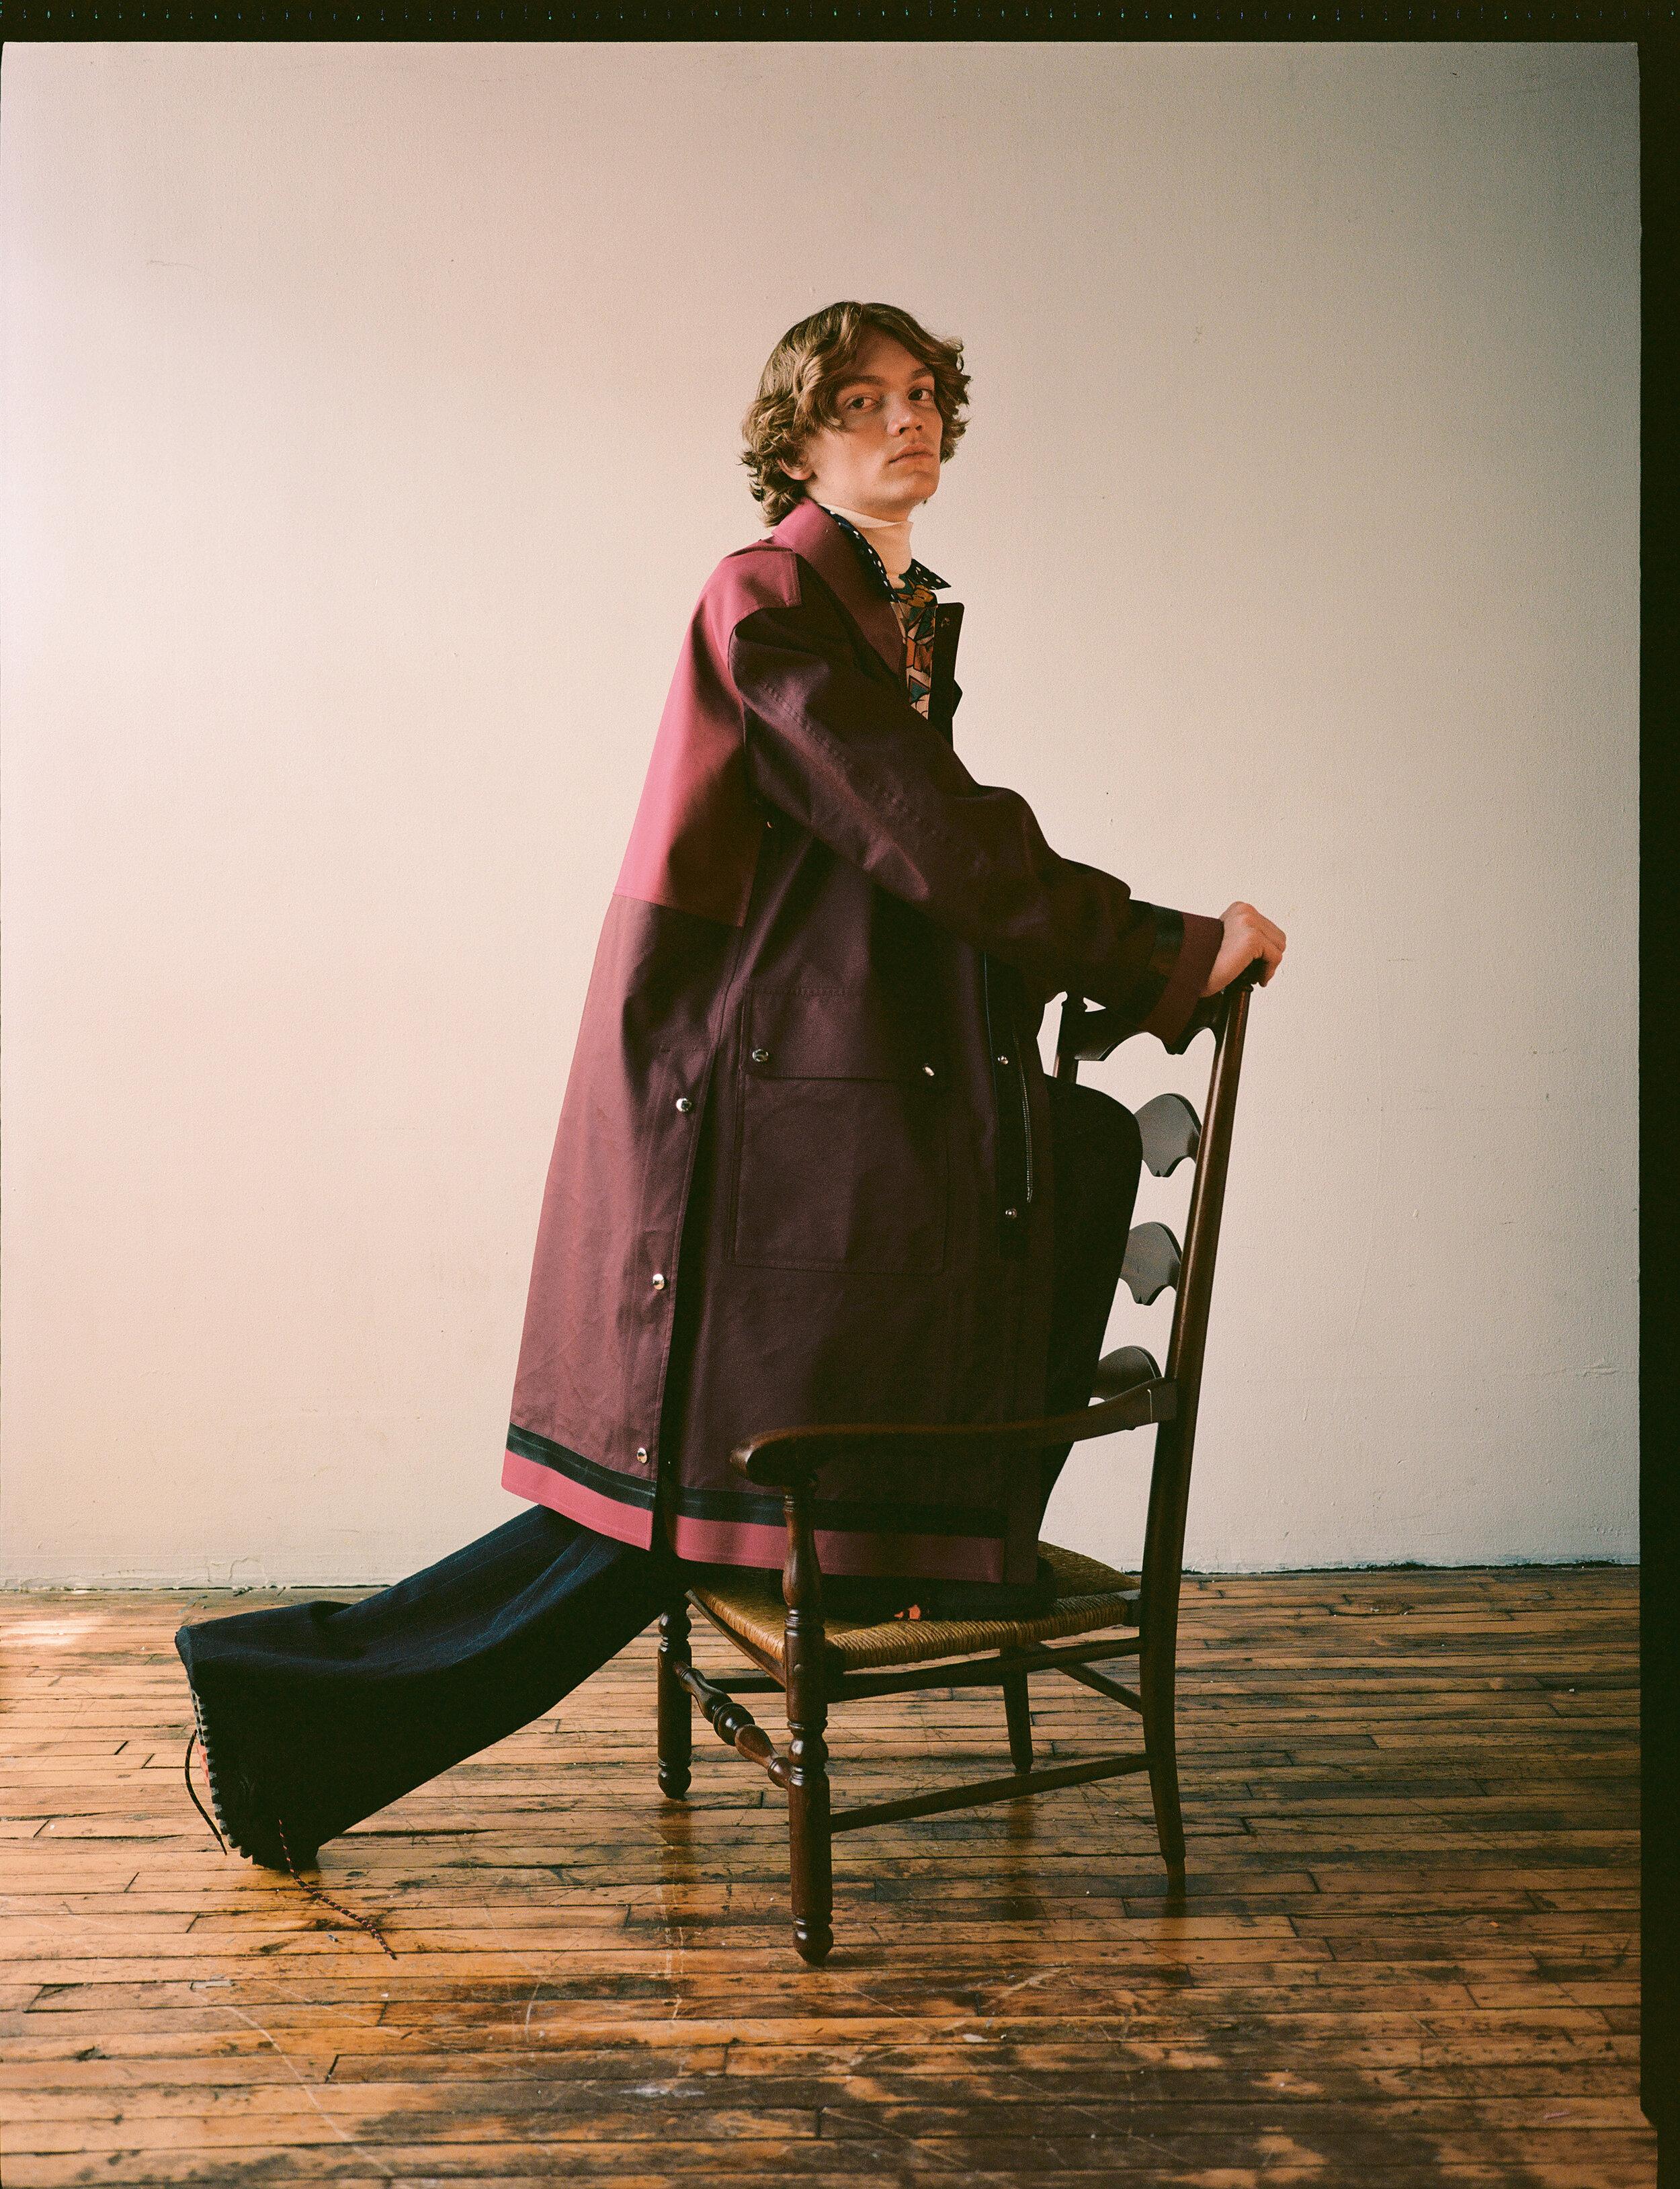 Coat  BERLUTI  Shirt  COMME DES GARCONS SHIRT  Trousers  DUNHILL  Shoes  LOUIS VUITTON